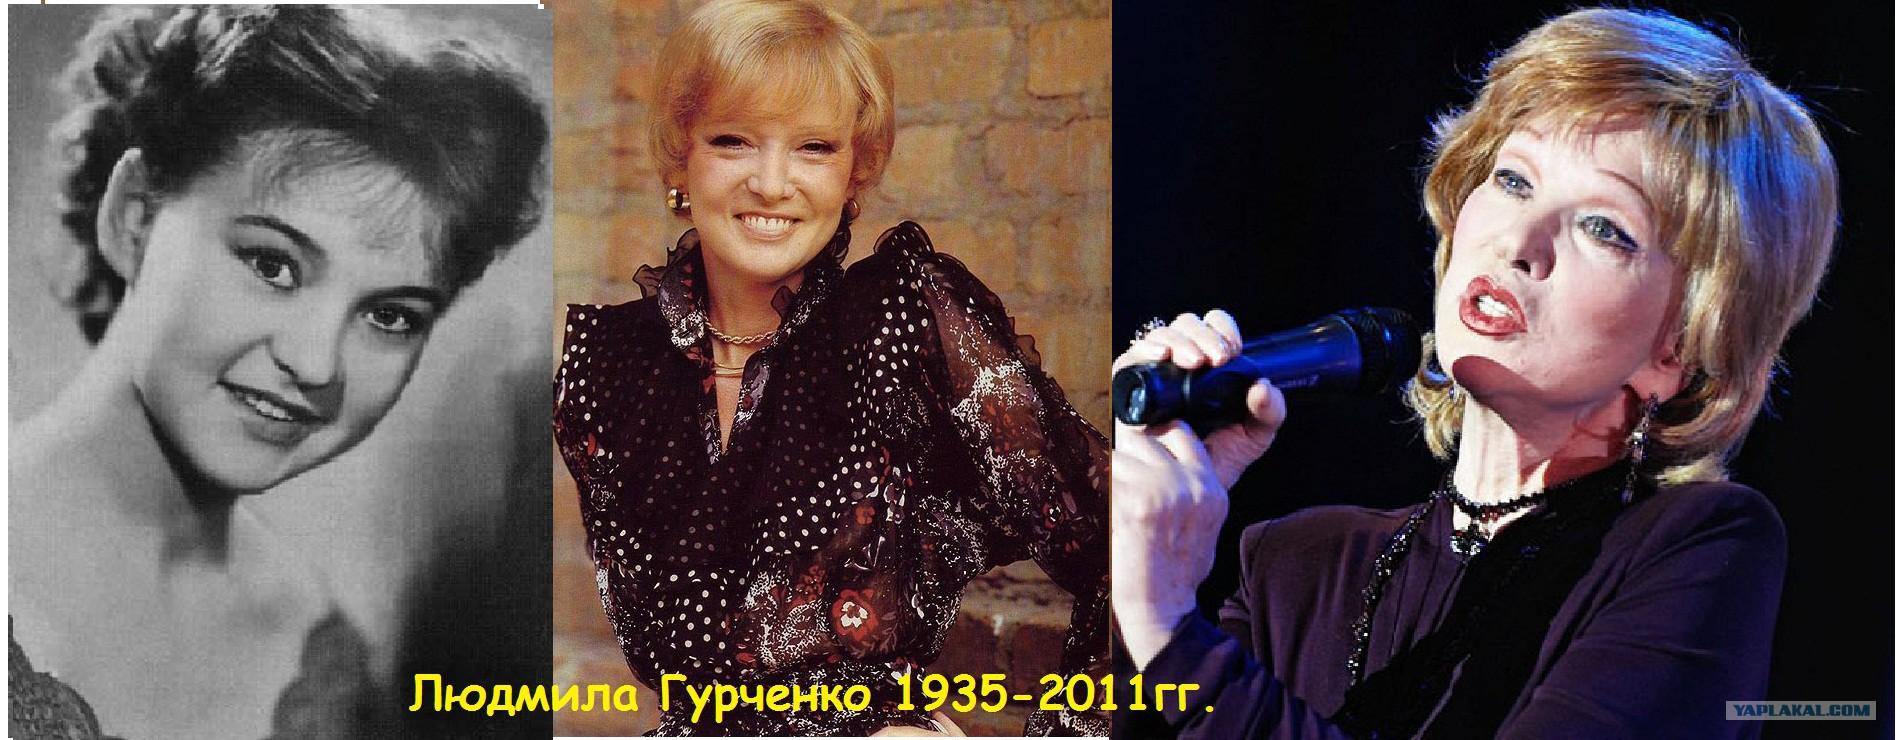 eroticheskie-foto-lyudmili-gurchenko